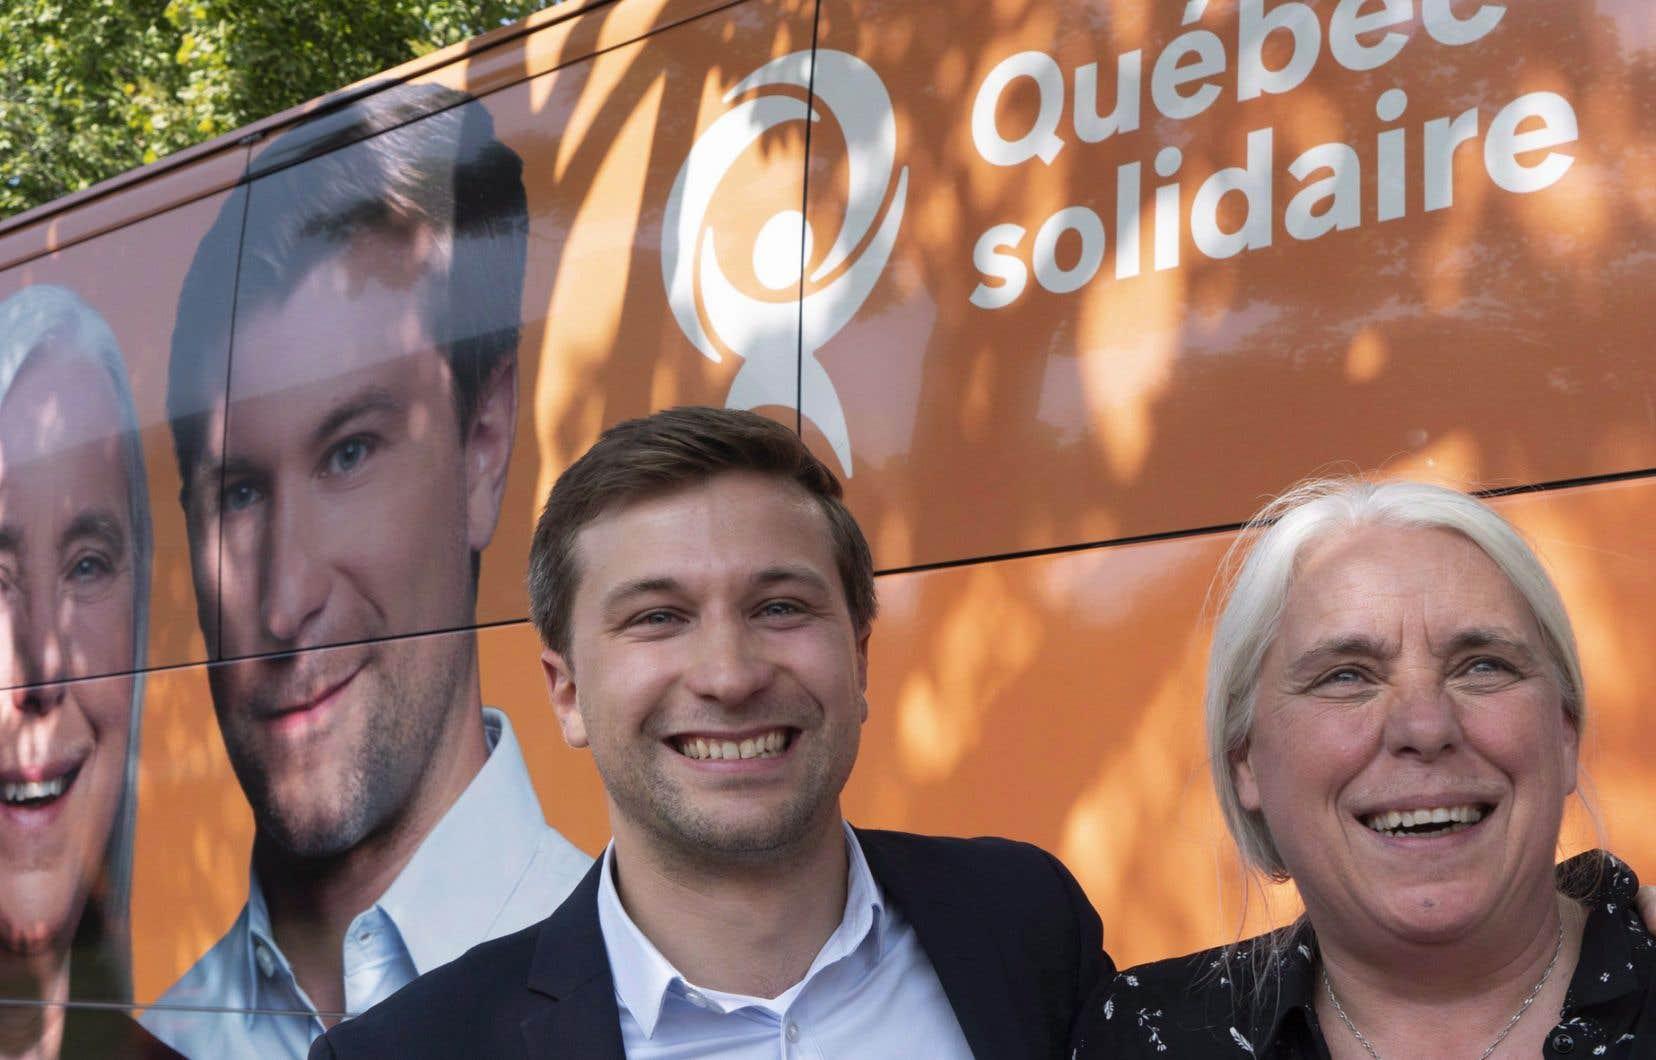 Faute de journalistes à bord de son autobus de campagne, Québec solidaire a lancé une invitation à «toutes les personnalités du Web, twitteux, facebookeux, instragrammeux».